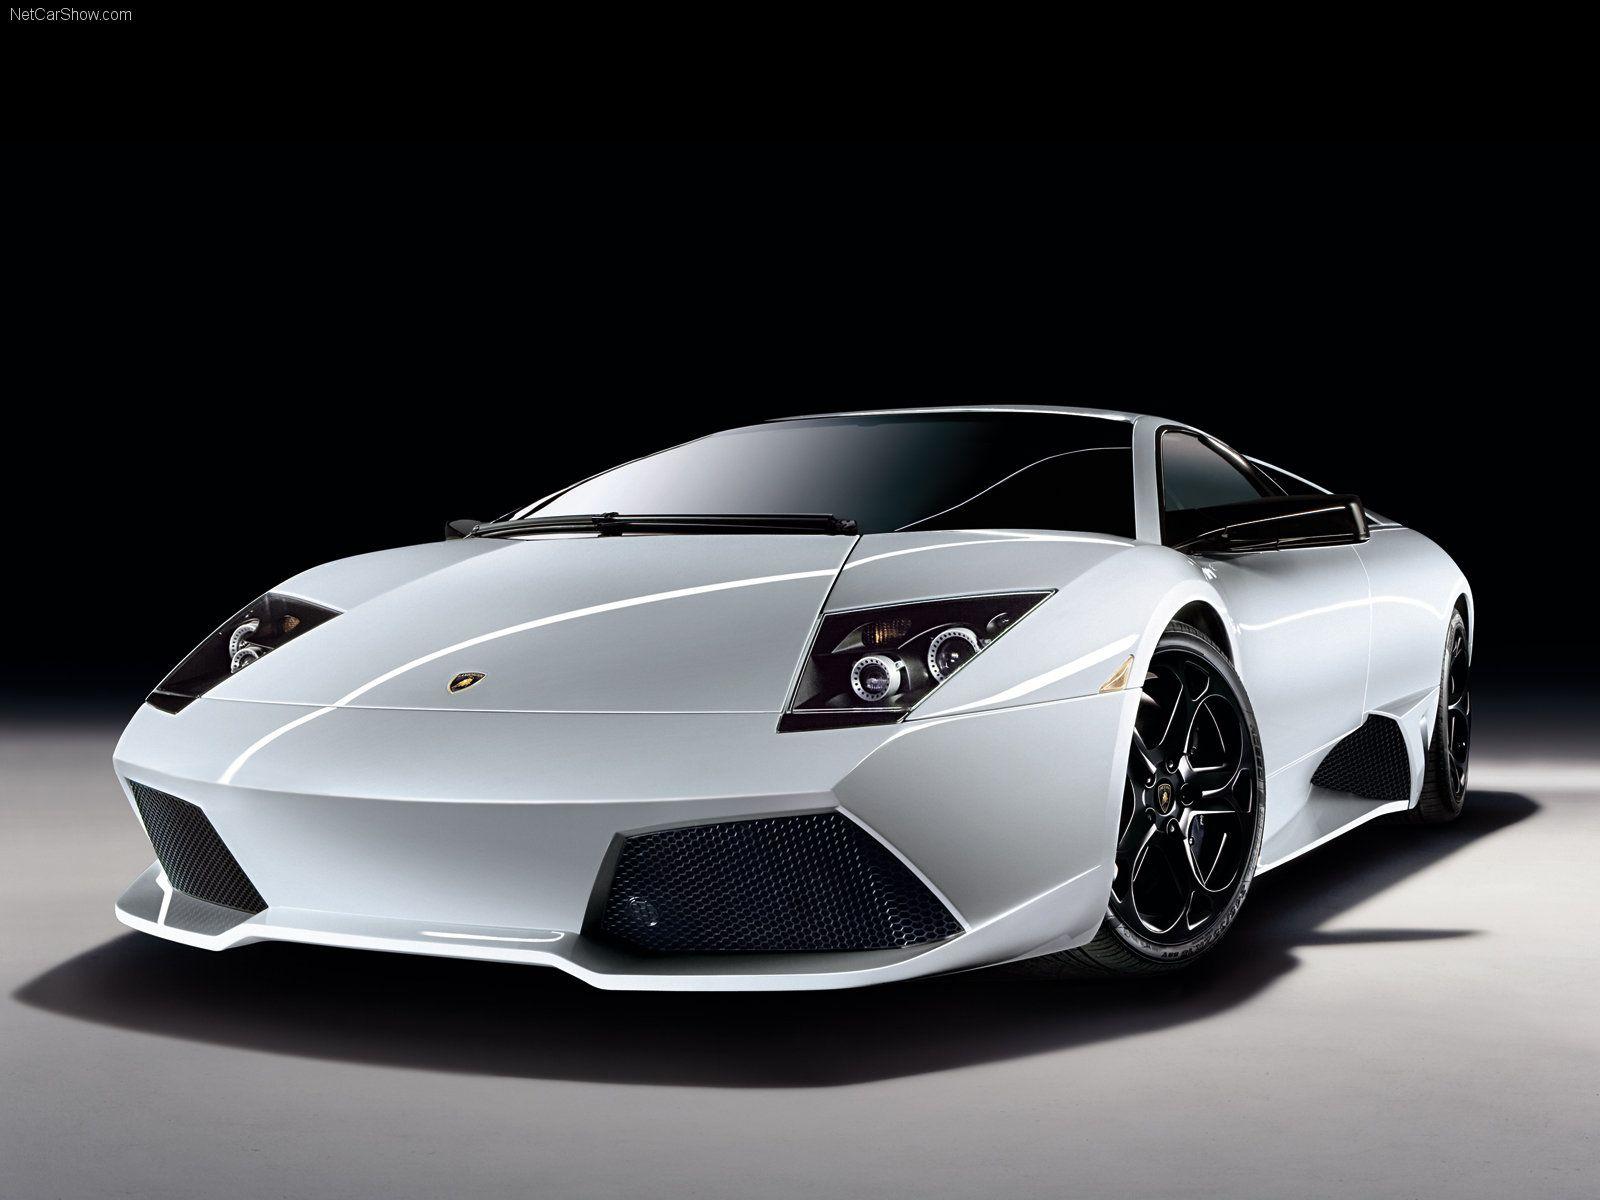 Pin By Lotunalfred On Lamborghini Murcielago In 2020 Expensive Cars Lamborghini Murcielago Car Wallpapers